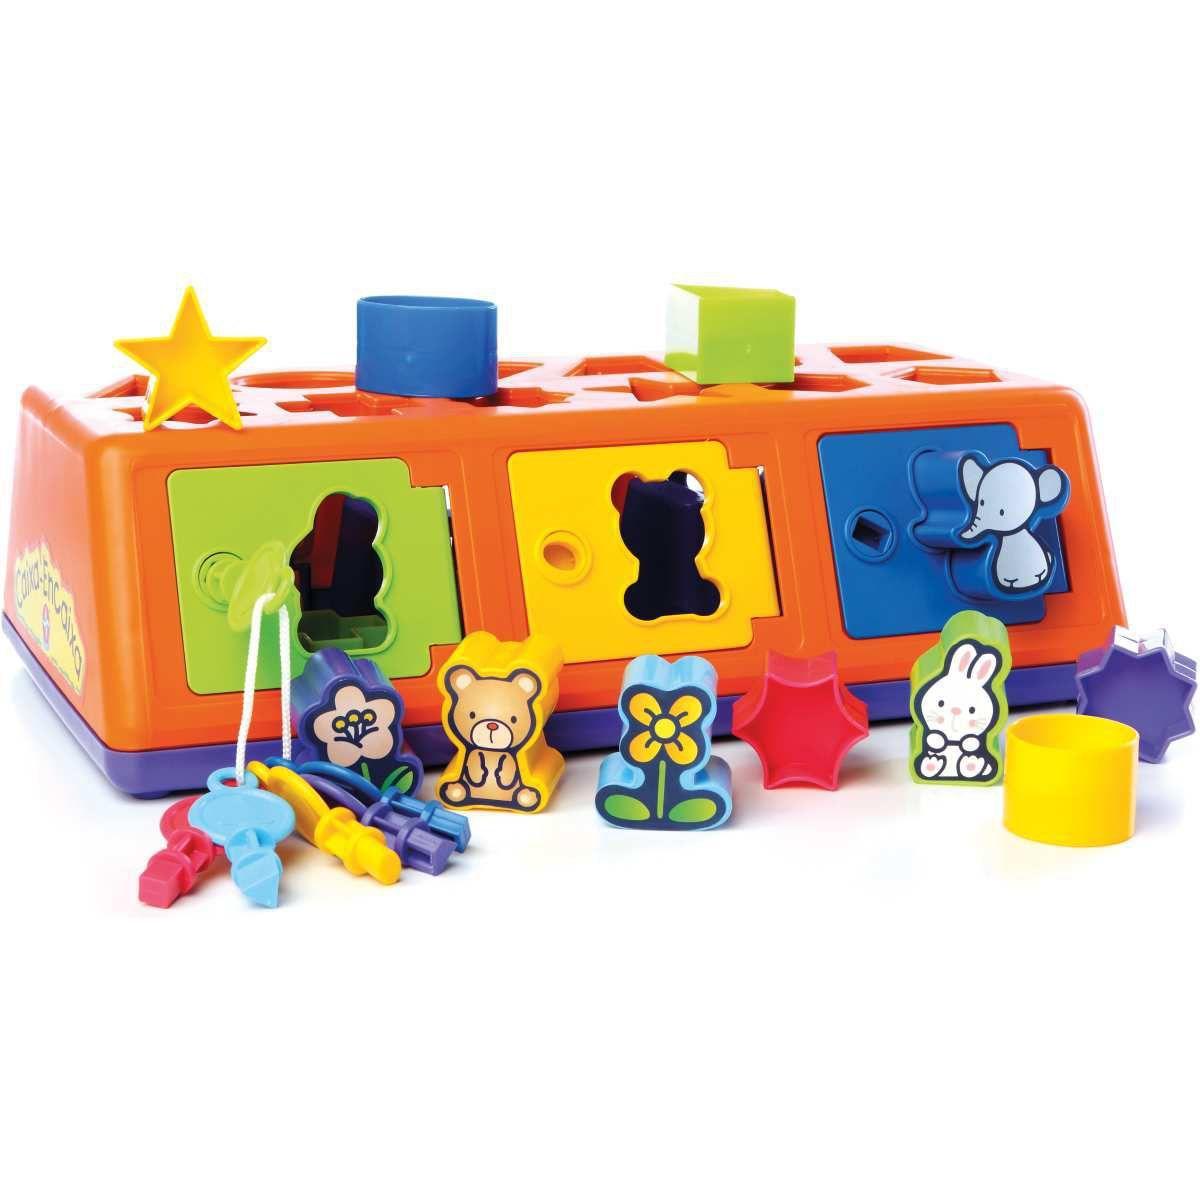 Jogo Caixa Encaixa Estrela 1104000005 Educativo Pedagógico Blocos e Formas Infantil Coordenação Motora Raciocinio Logico Criança